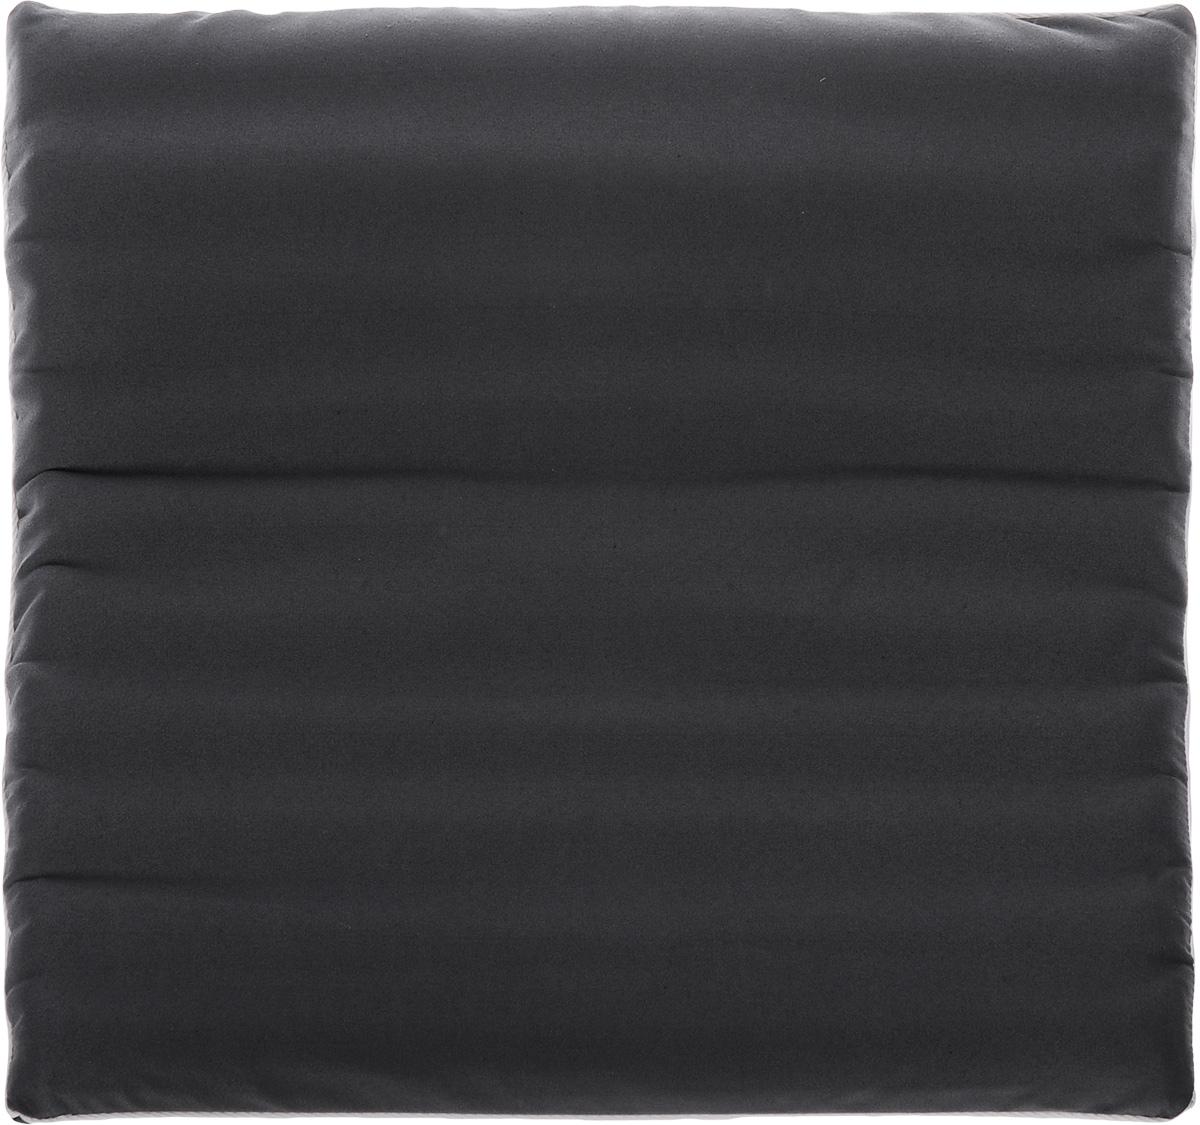 Подушка на сиденье Smart Textile Гемо-комфорт офис, с чехлом, наполнитель: лузга гречихи, 50 х 50 см8986Подушка на сиденье Smart Textile Гемо-комфорт офис создана для тех, кто весь свой рабочий день вынужден проводить в офисном кресле. Наполнителем служат лепестки лузги гречихи, которые обеспечивают микромассаж кожи и поверхностных мышц, а также обеспечивают удобную посадку и снимают напряжение.Особенности подушки:- Хорошо проветривается.- Предупреждает потение.- Поддерживает комфортную температуру.- Обминается по форме тела.- Улучшает кровообращение.- Исключает затечные явления.- Предупреждает развитие заболеваний, связанных с сидячим образом жизни. Конструкция подушки, составленная из ряда валиков, обеспечивает еще больший массажный эффект, а плотная износостойкая ткань хорошо удерживает наполнитель, сохраняет форму подушки и продлевает срок службы изделия.Подушка также будет полезна и дома - при работе за компьютером, школьникам - при выполнении домашних работ, да и в любимом кресле перед телевизором.В комплект прилагается сменный чехол, выполненный из смесовой ткани, за счет чего уход за подушкой становится удобнее и проще.